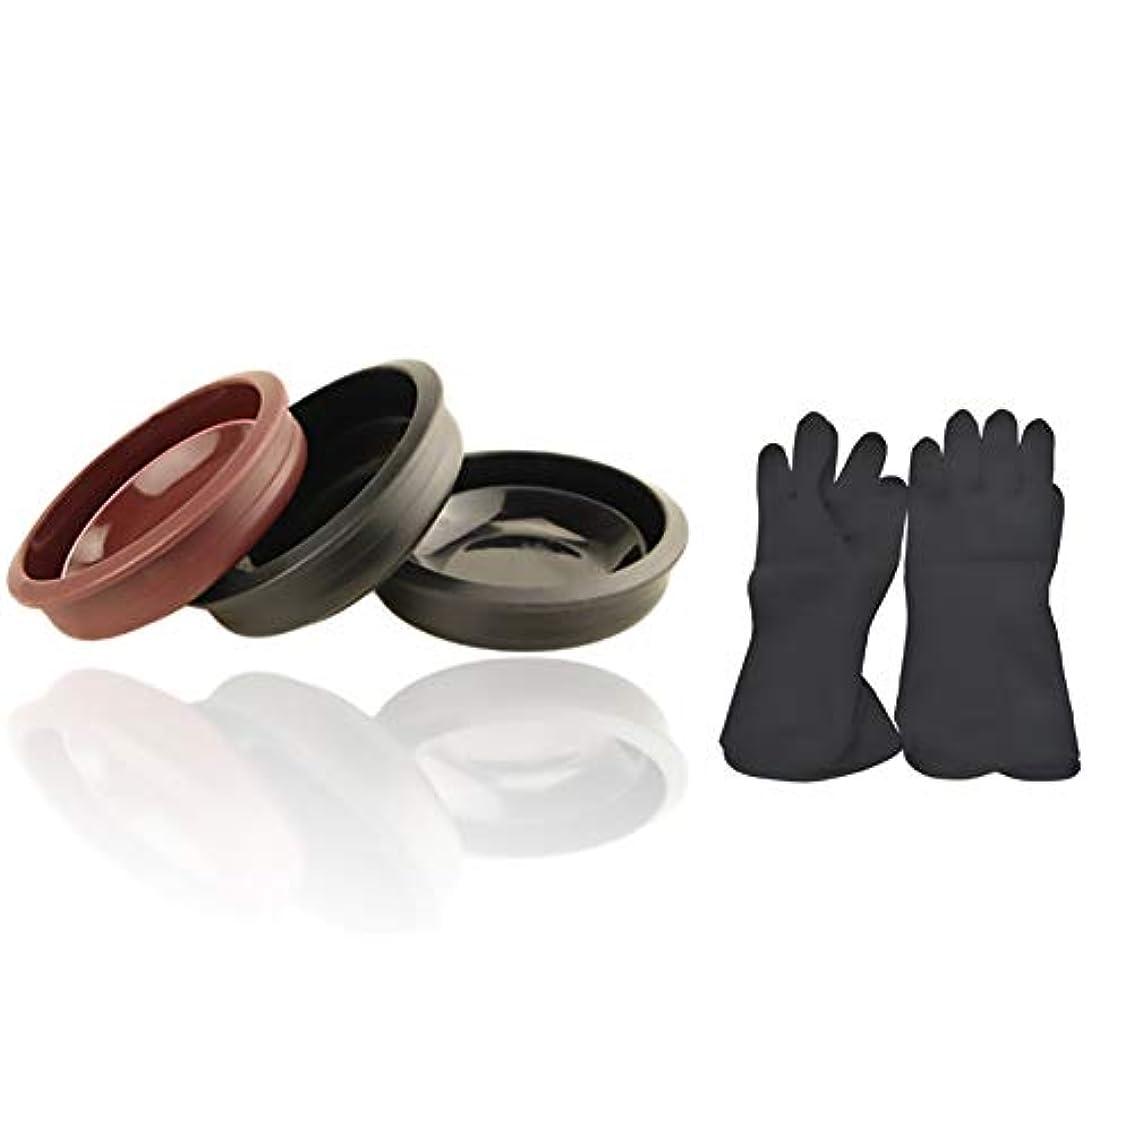 無謀介入する引き出しTofover 3ピースヘアカラーミキシングボウルと20カウントヘアダイ手袋、黒の再利用可能なゴム手袋、ヘアサロンヘア染色のためのプロのヘアカラーツールキット